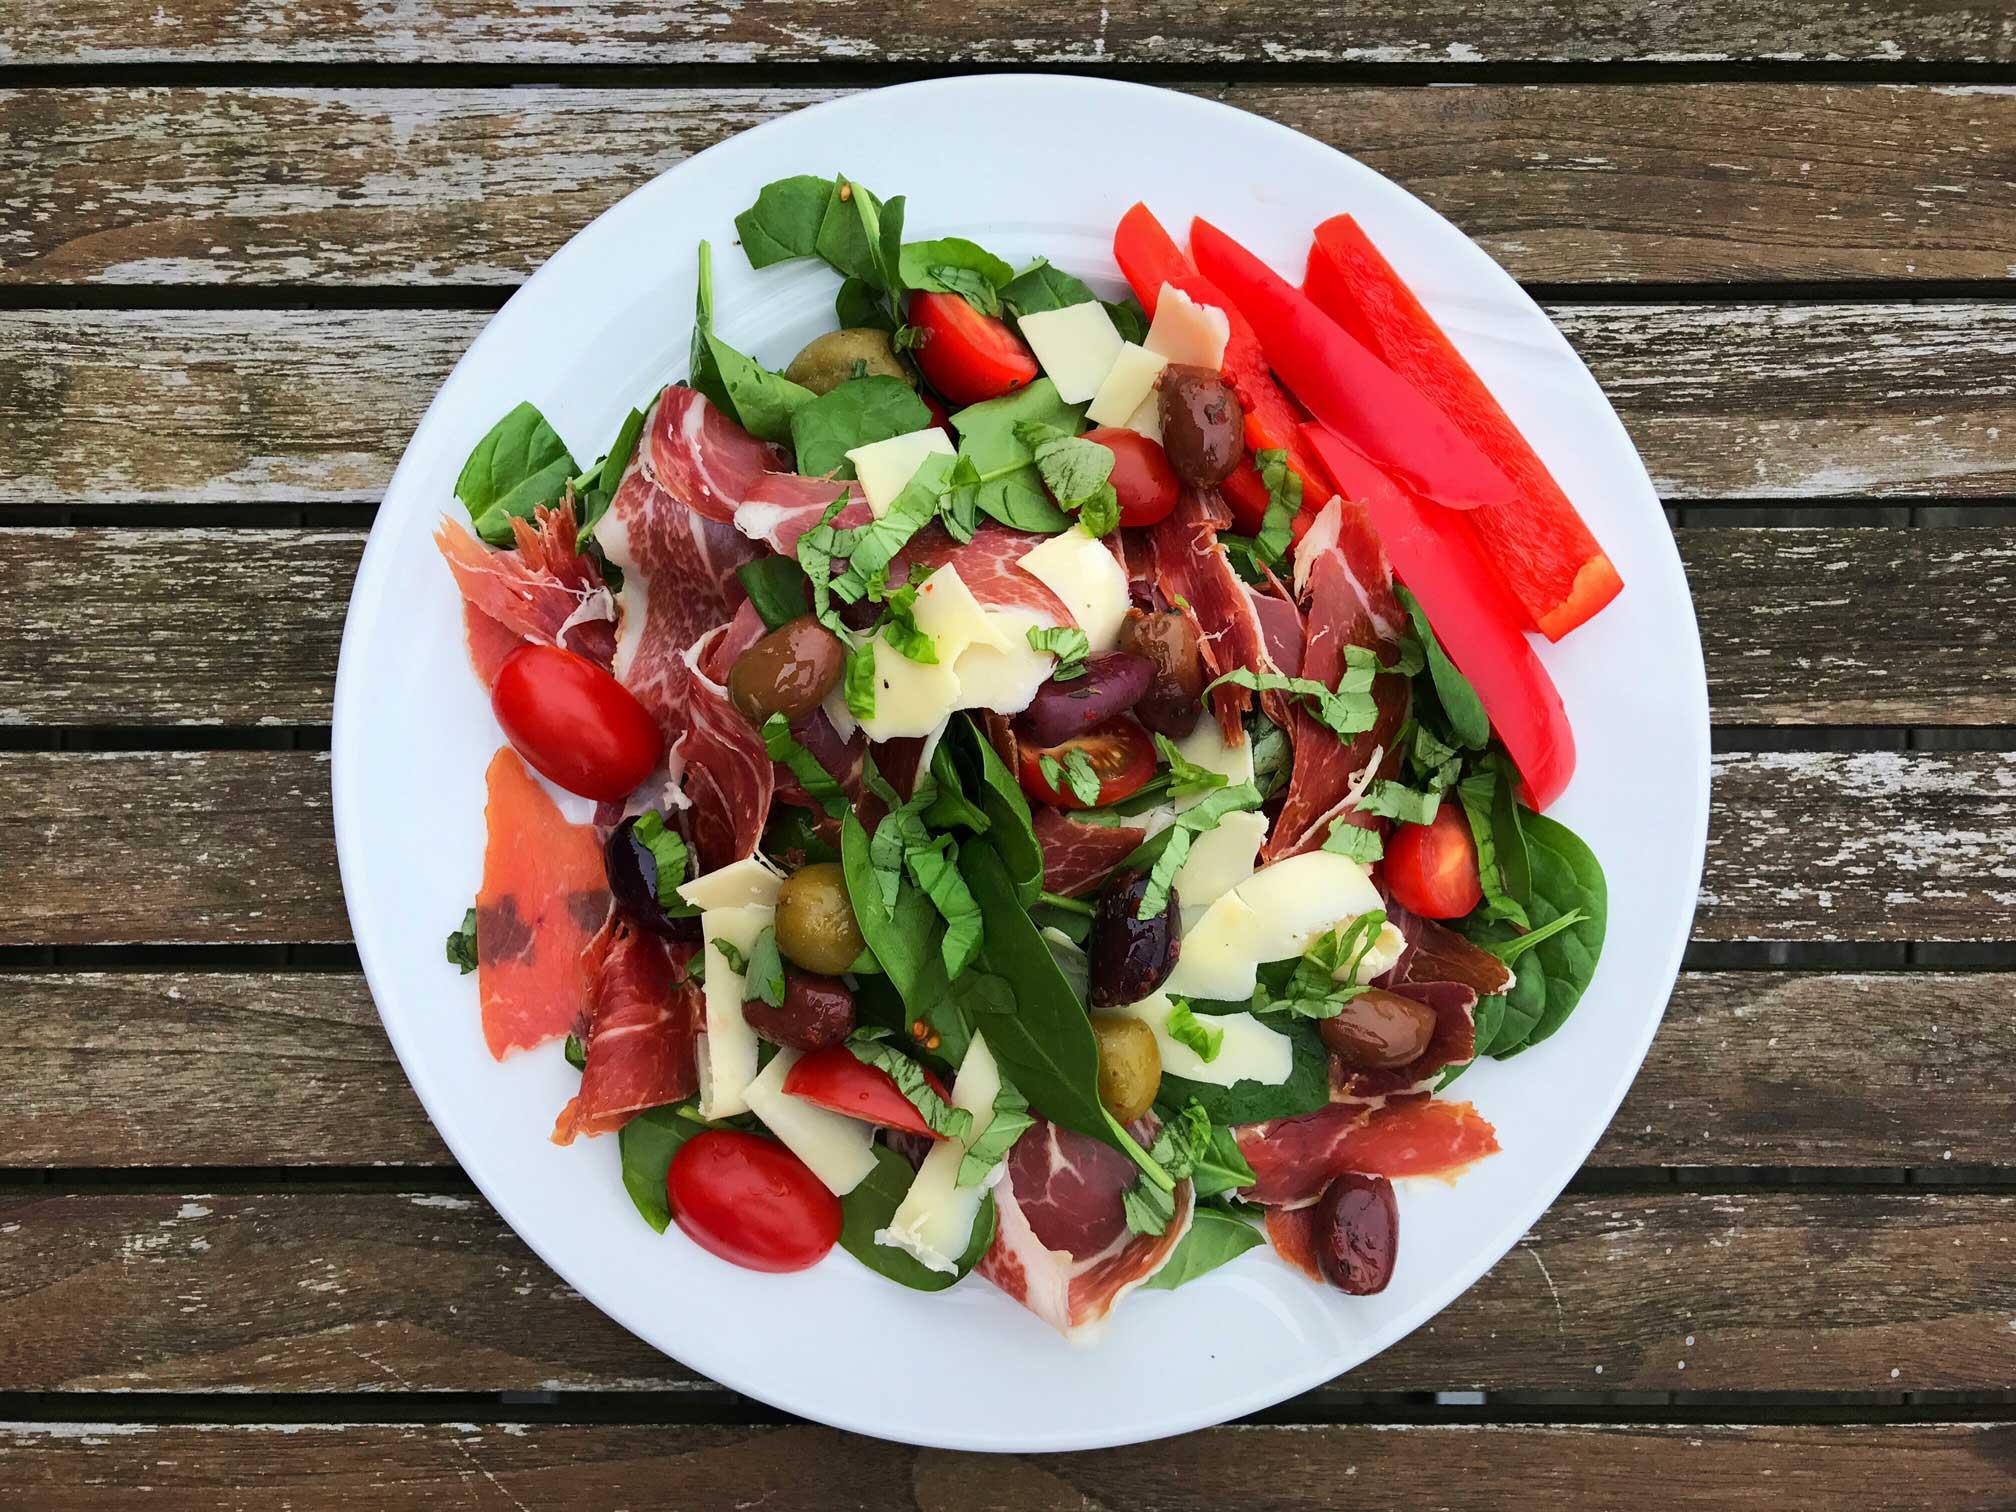 Salat med serrano, oliven og rucola - frokostsalat med italiensk touch. Opskrift her: